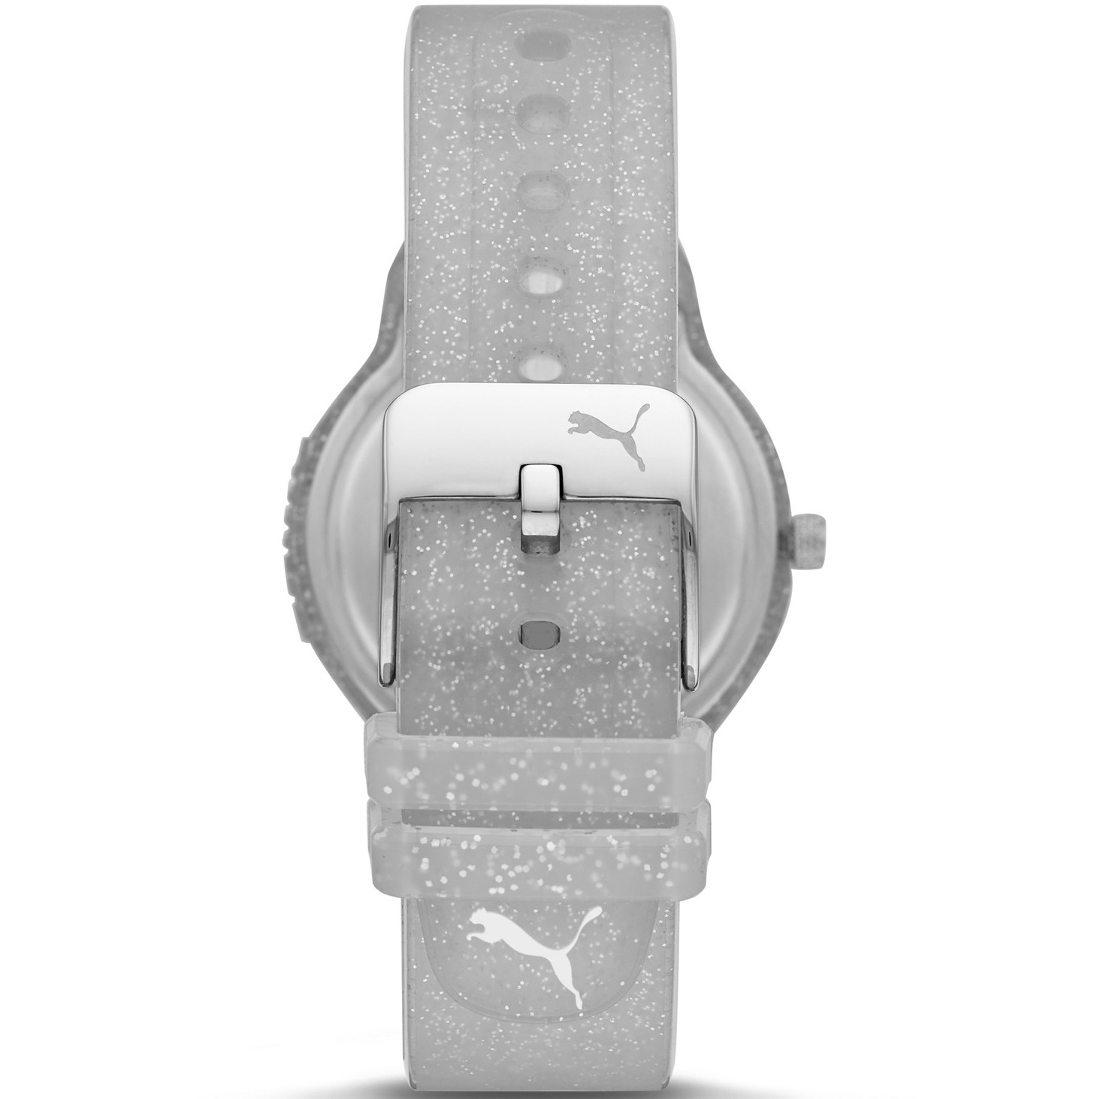 zegarek Puma P1003 kwarcowy damski Reset